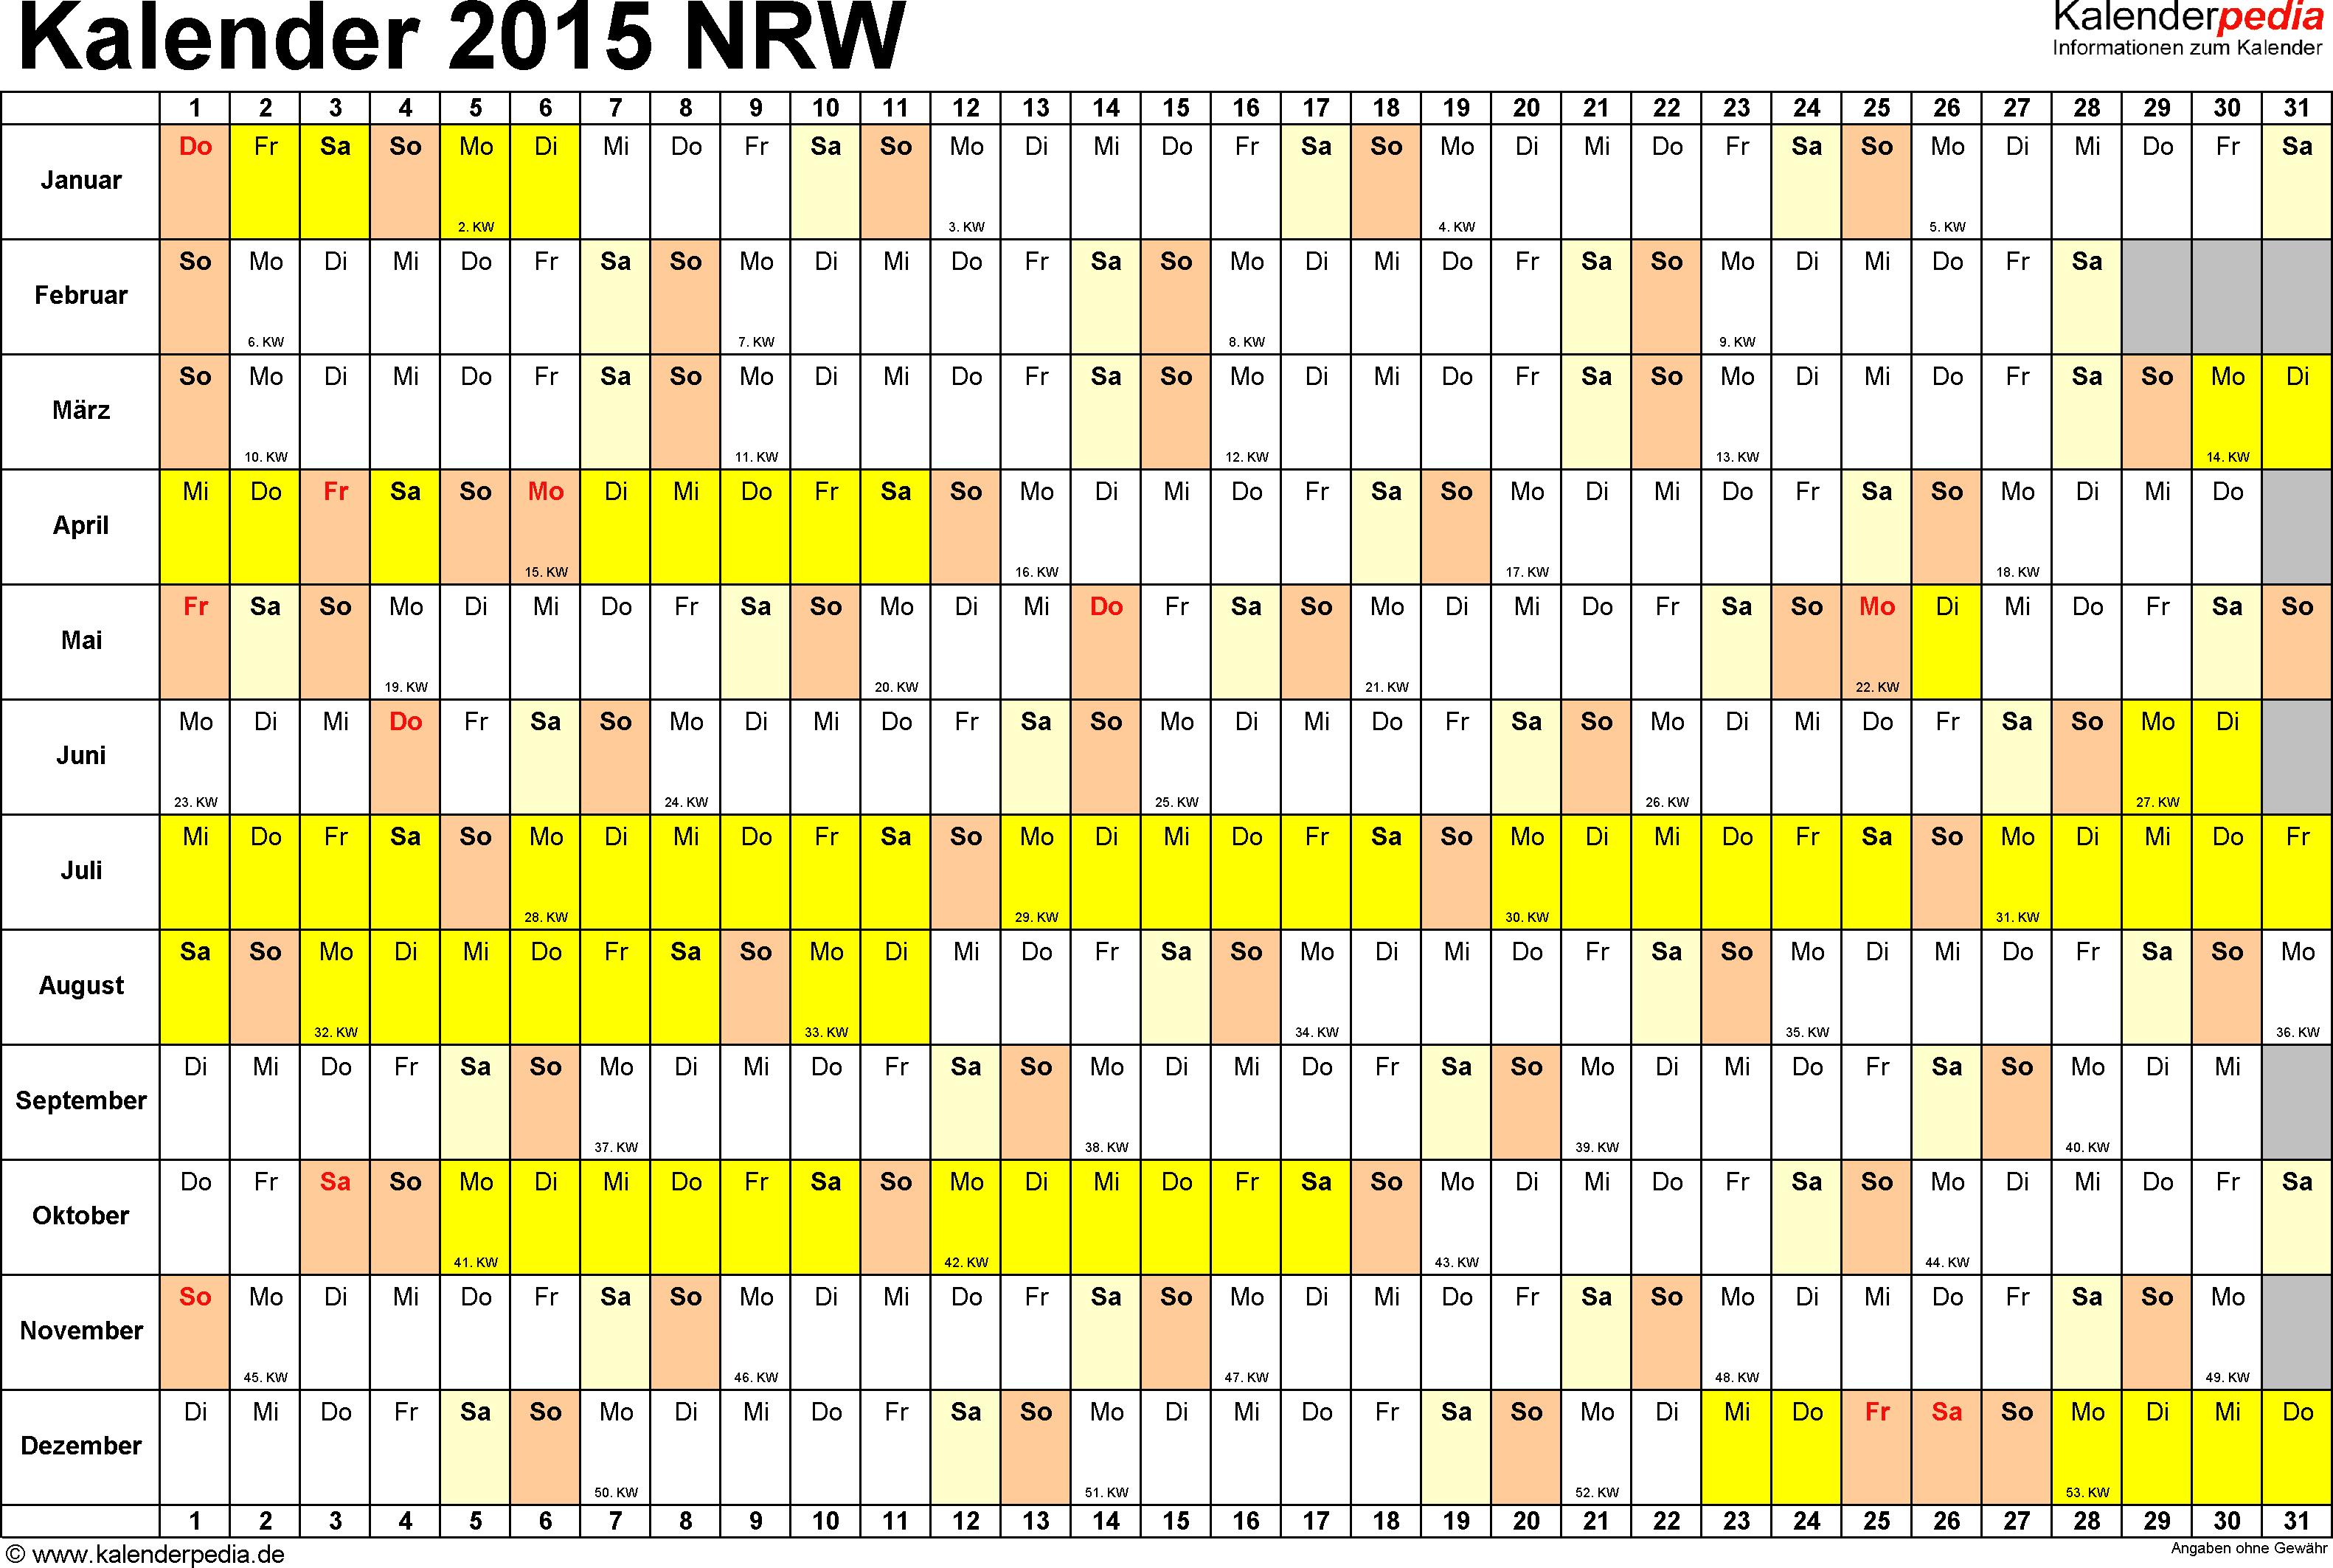 Kalender 2015 nrw ferien feiertage excel vorlagen